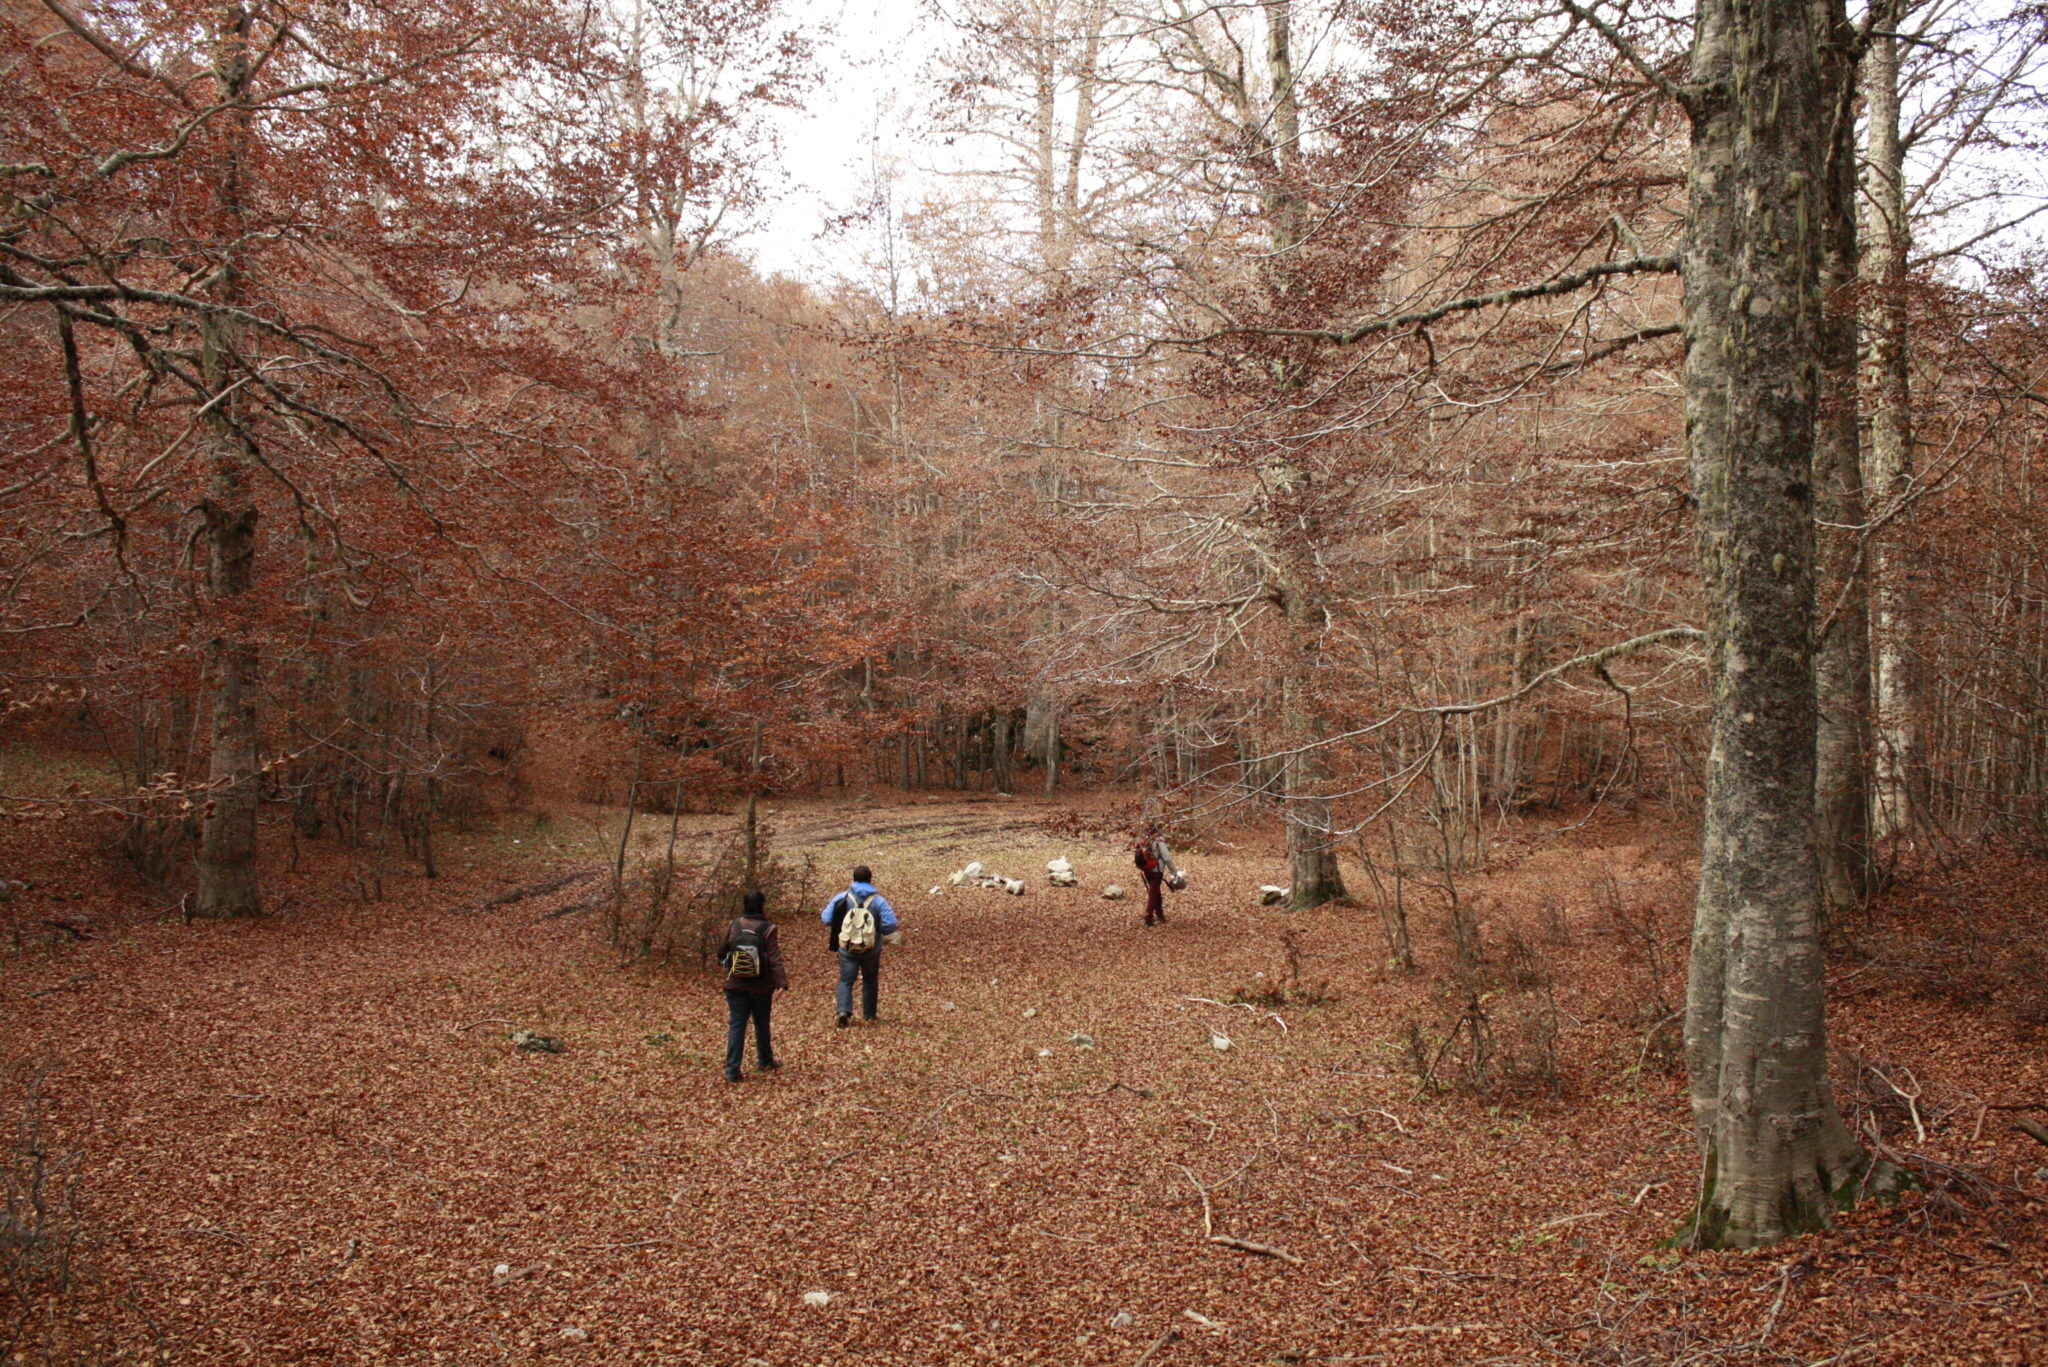 Un paesaggio autunnale nel Parco del Pollino